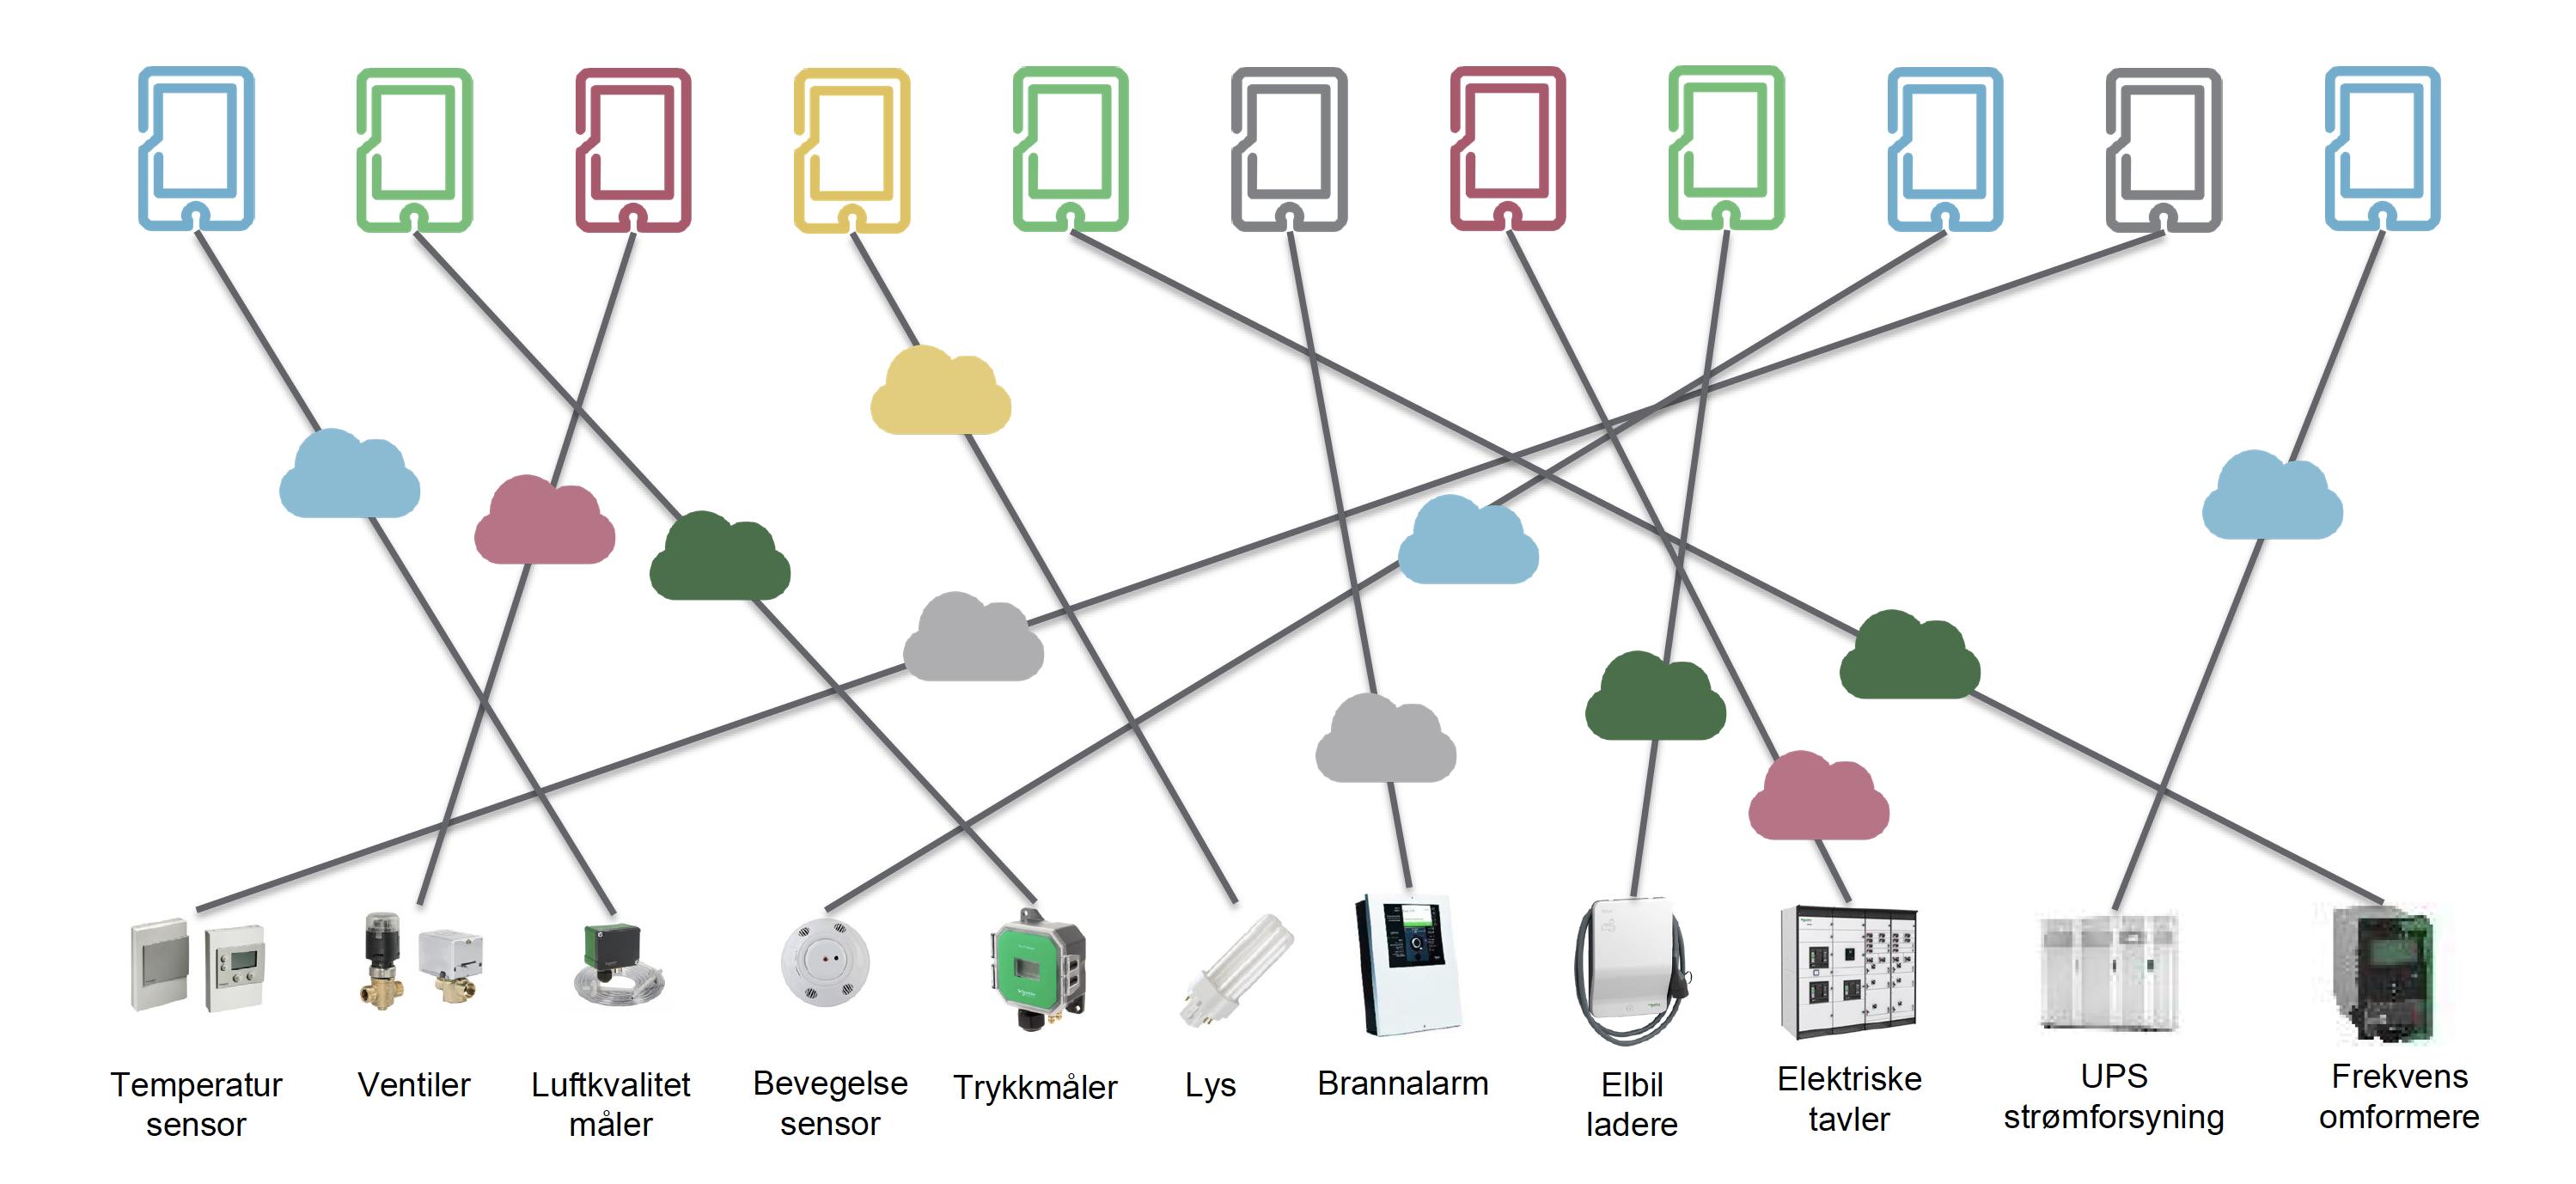 Illustrasjonsbilde av ulike styringssystemer for alt fra elbillading til temperatur